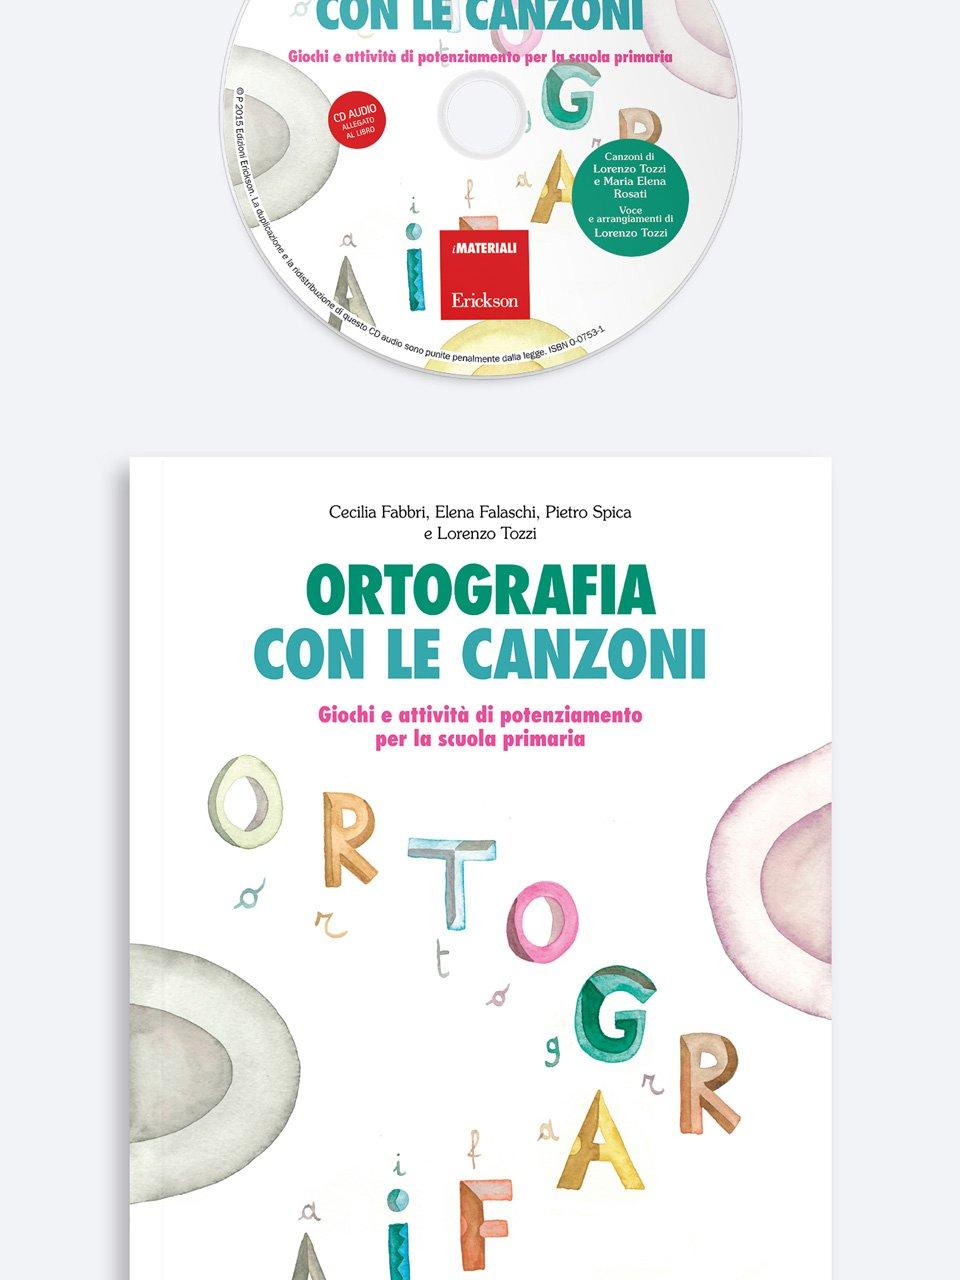 Ortografia con le canzoni - Musicalità e pratiche inclusive - Libri - Erickson